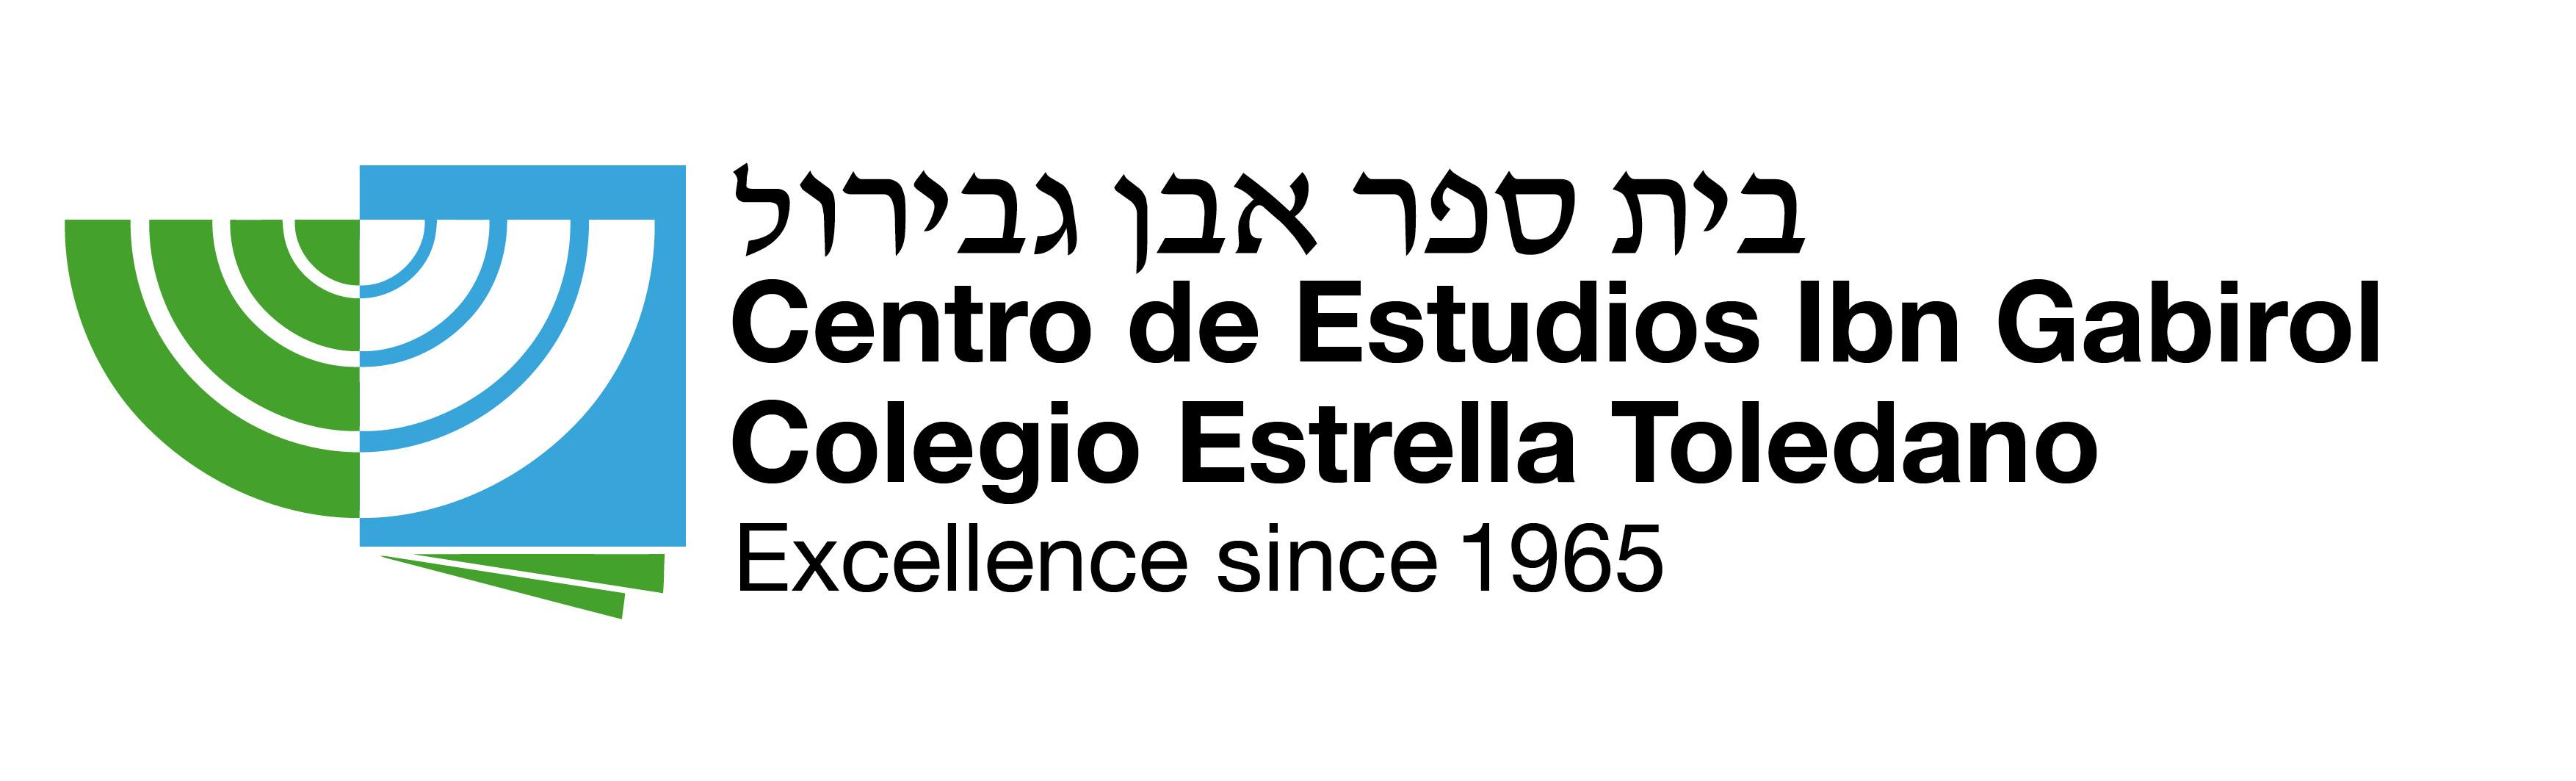 Logo de Centro Ibn Gabirol - Colegio Estrella Toledano